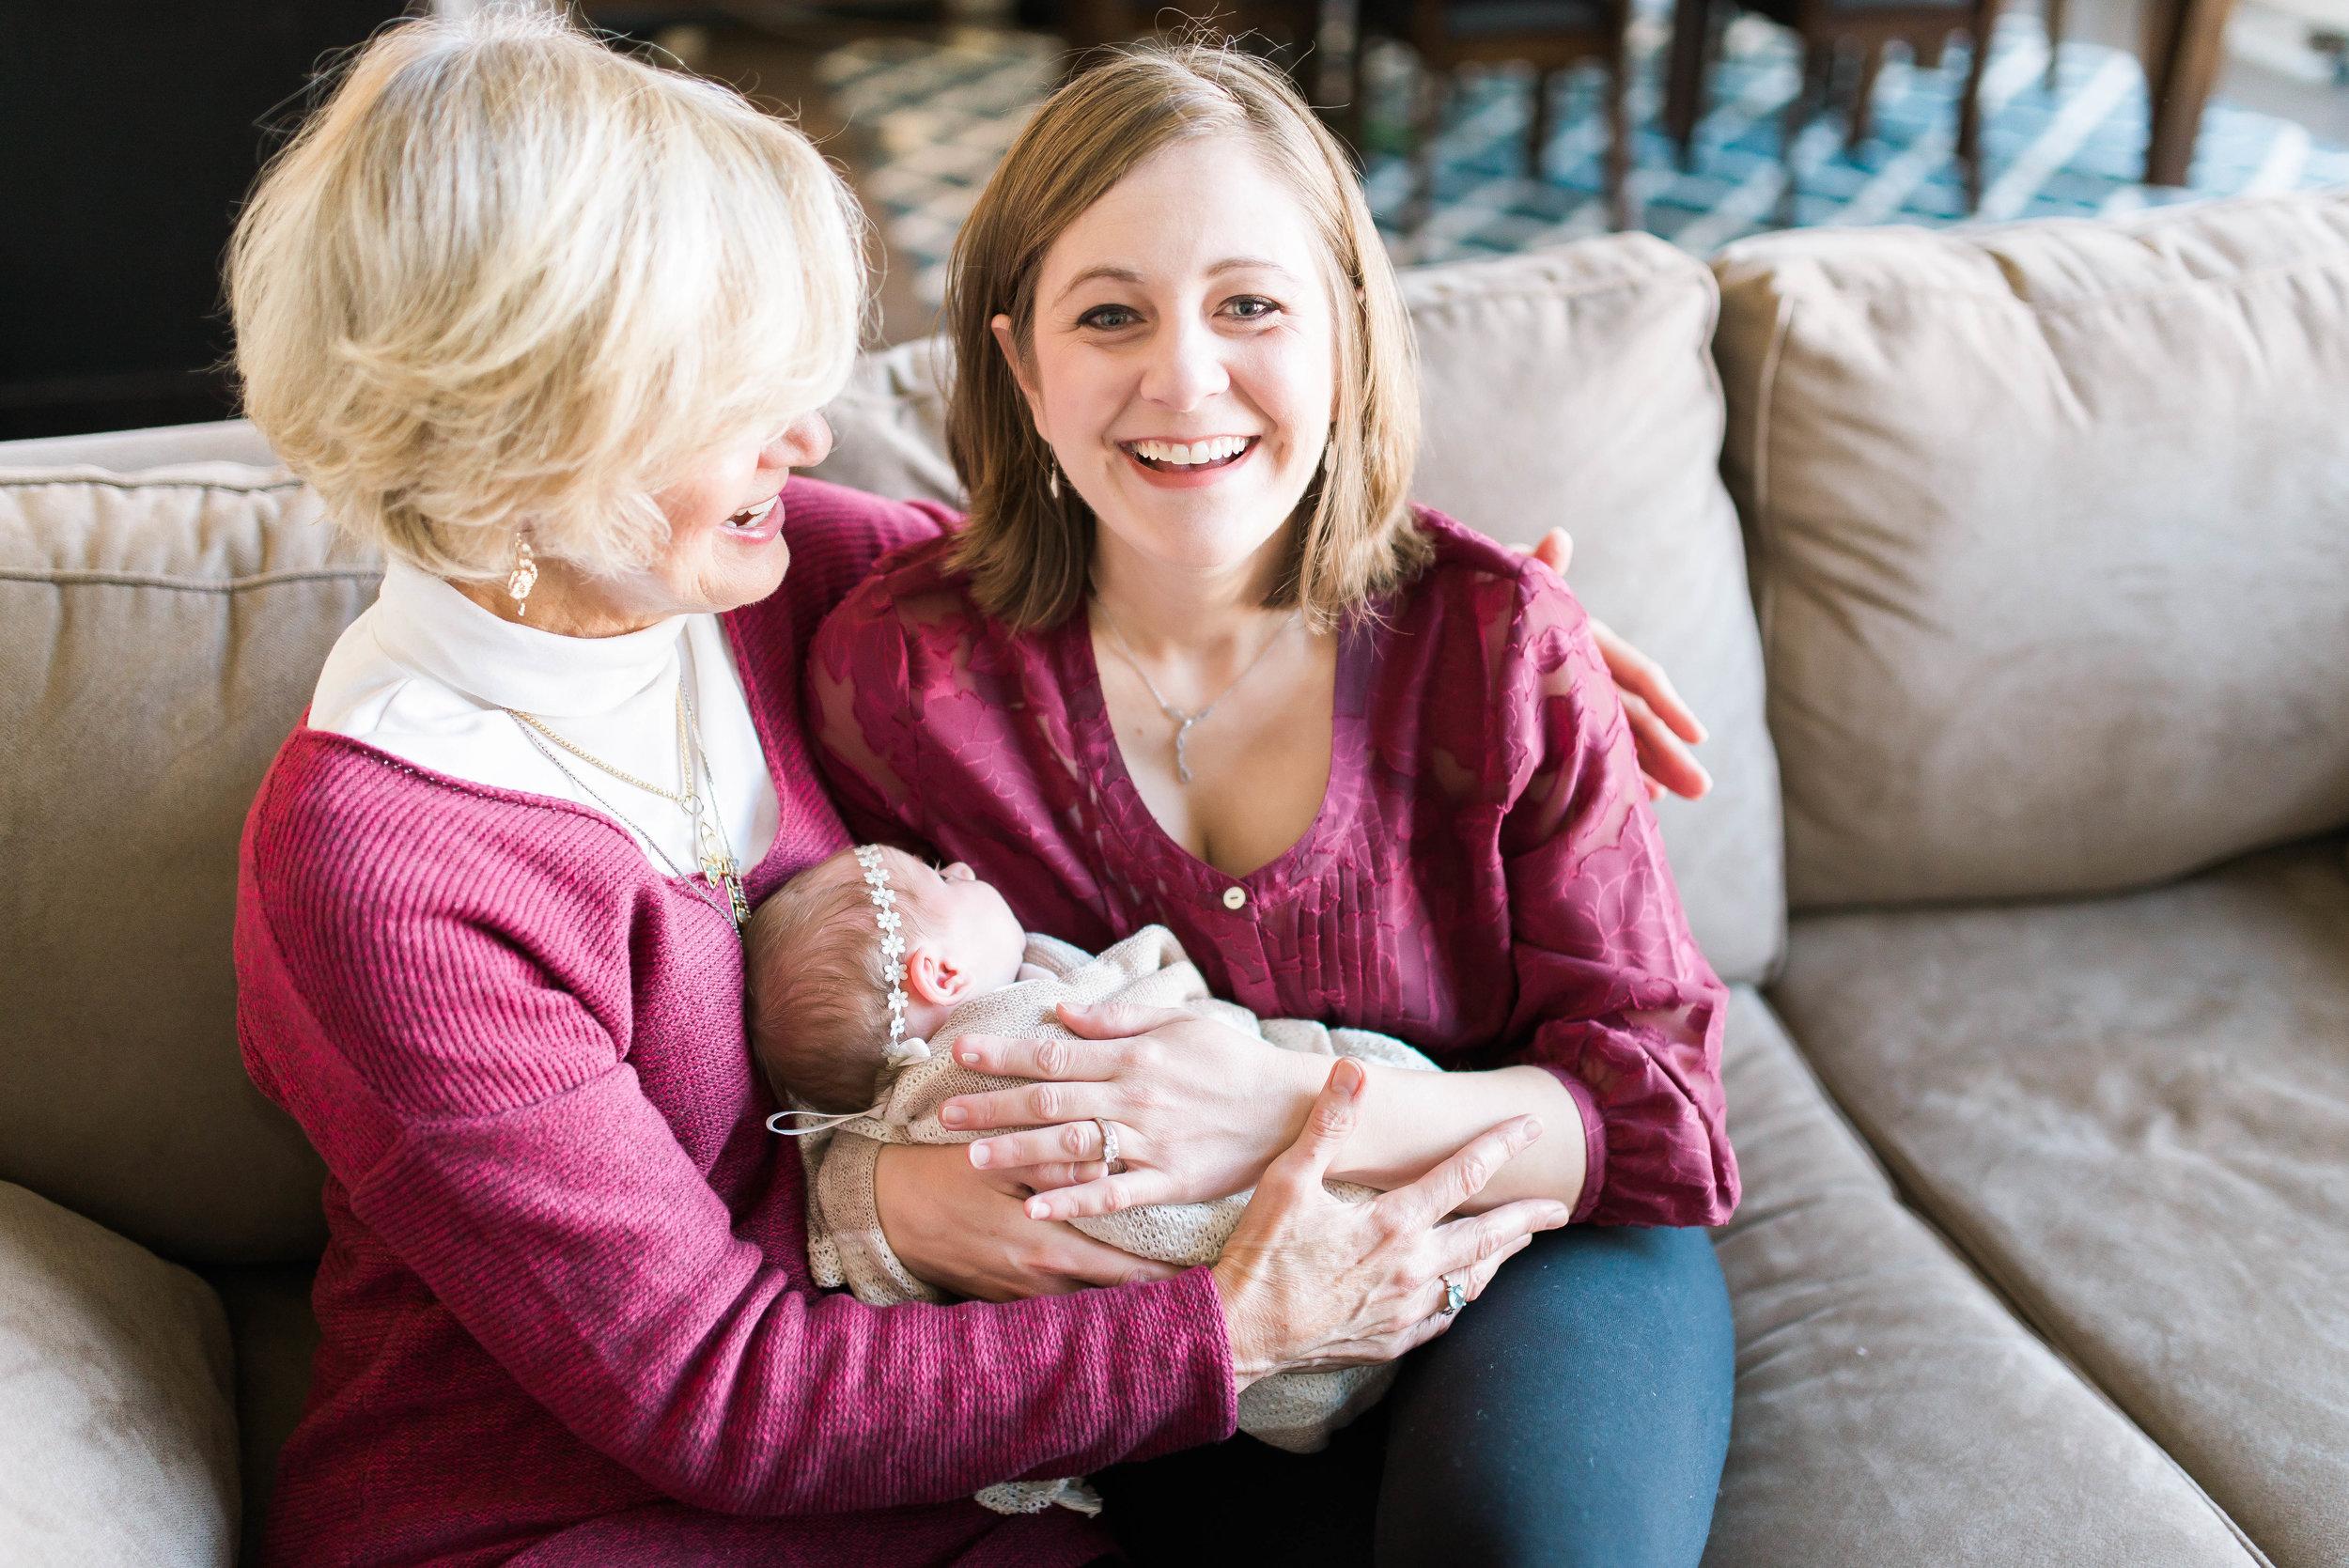 Westfield IN Newborn Lifestyle Photographer